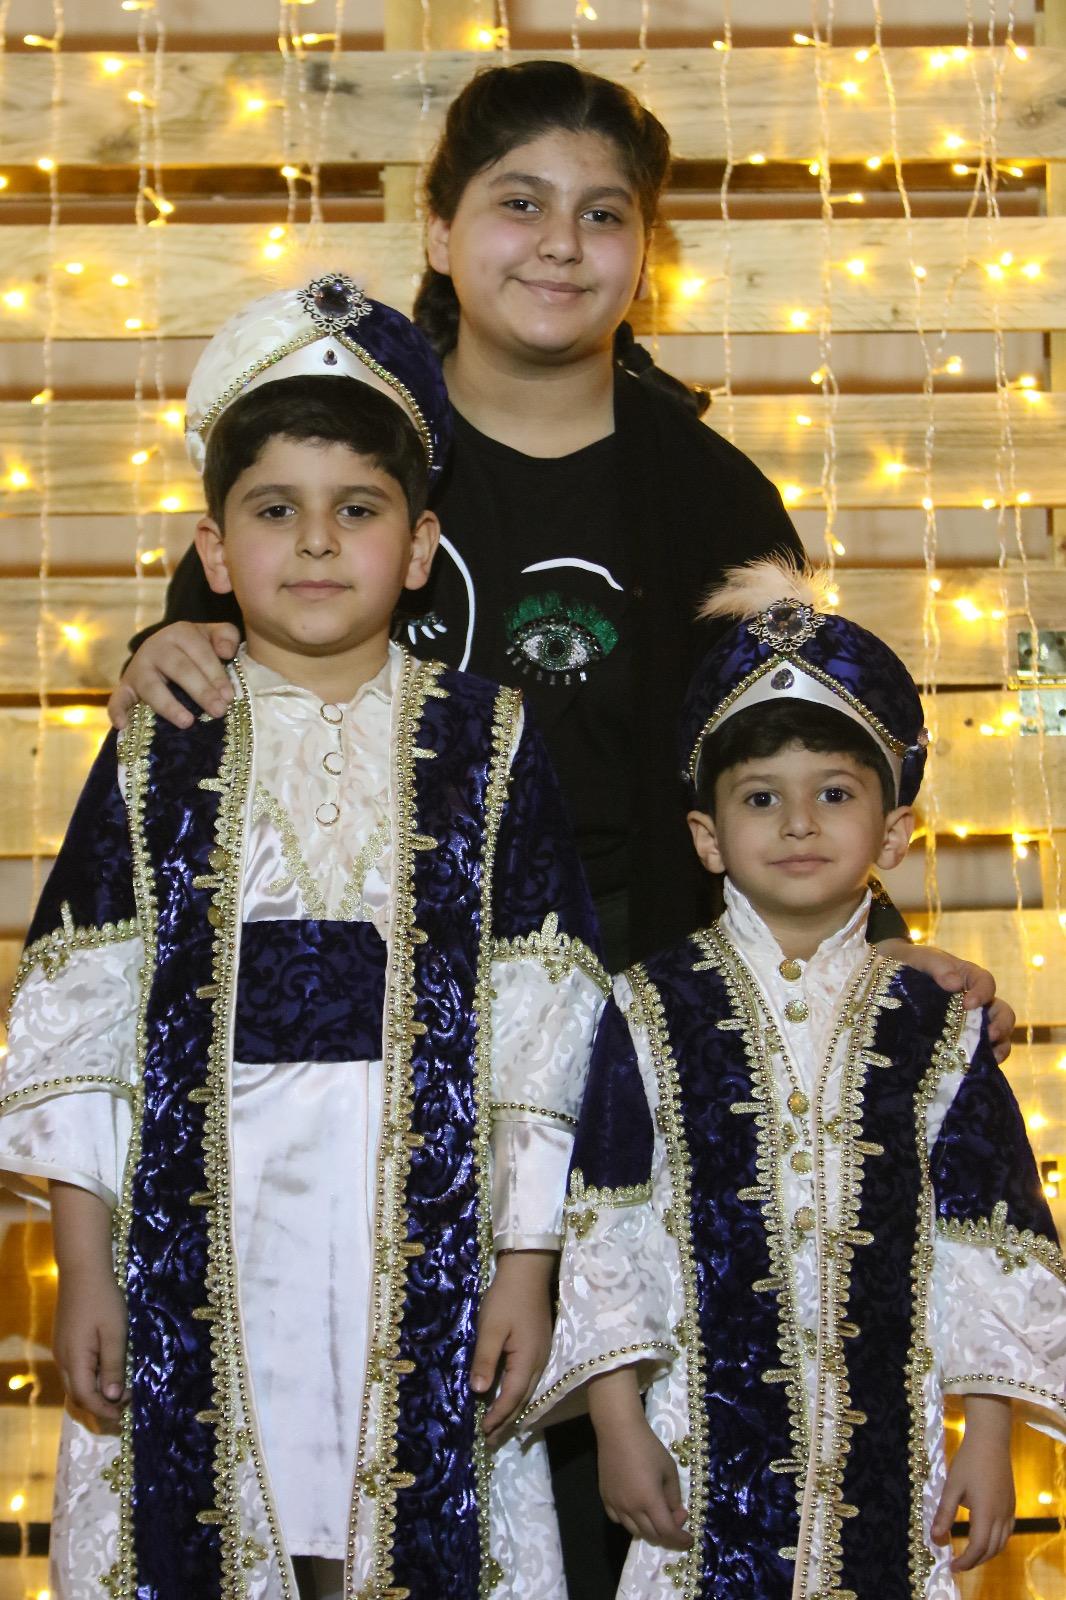 صورة أستديو للأطفال في مهرجان الحلاوي بأشيقر